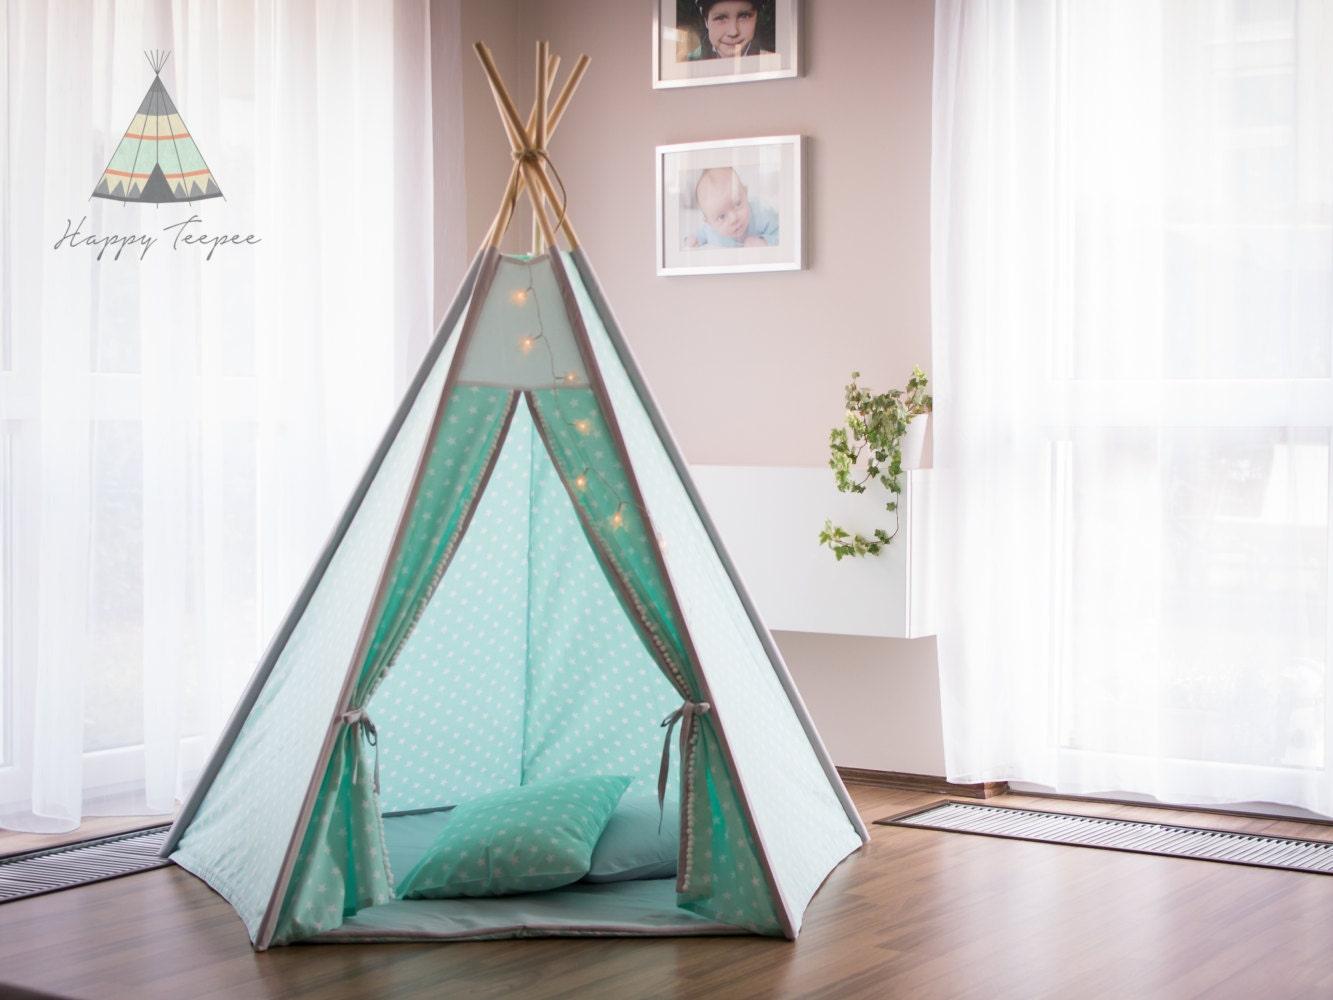 kinder tipi kinder tipi tipi zelt vigvam tipi tipi kinder. Black Bedroom Furniture Sets. Home Design Ideas